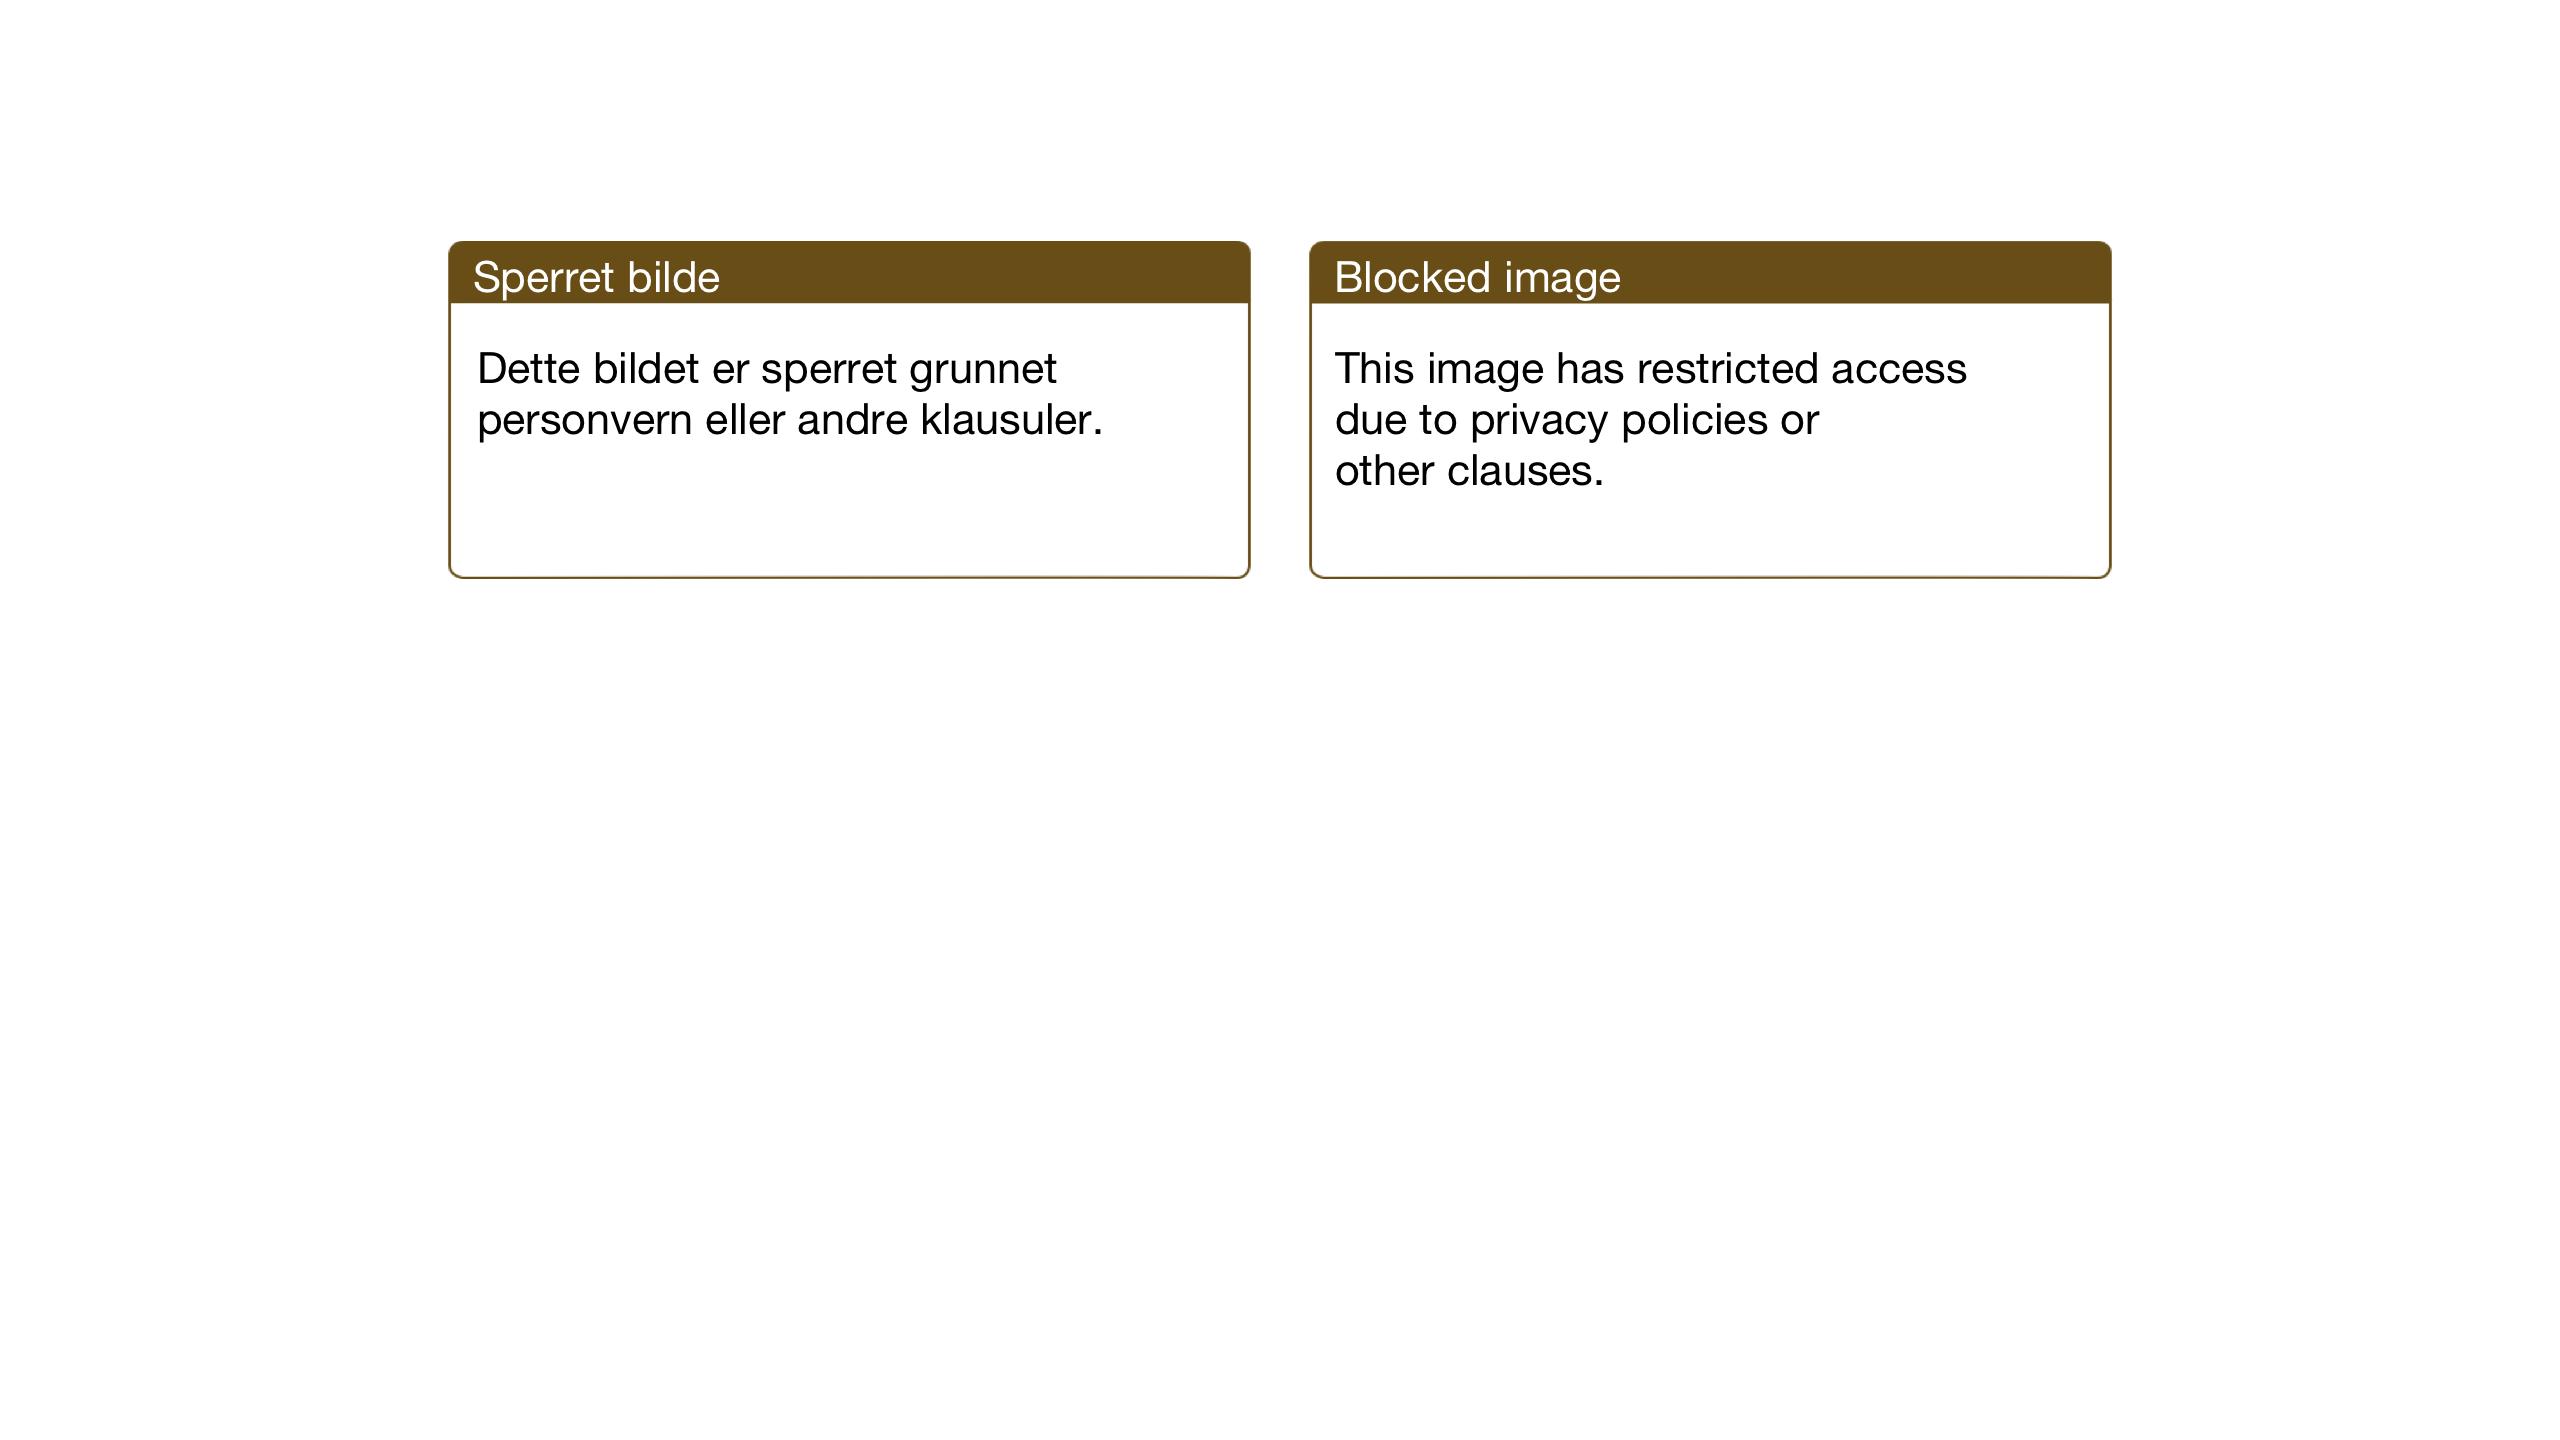 SAT, Ministerialprotokoller, klokkerbøker og fødselsregistre - Sør-Trøndelag, 608/L0343: Klokkerbok nr. 608C09, 1938-1952, s. 34